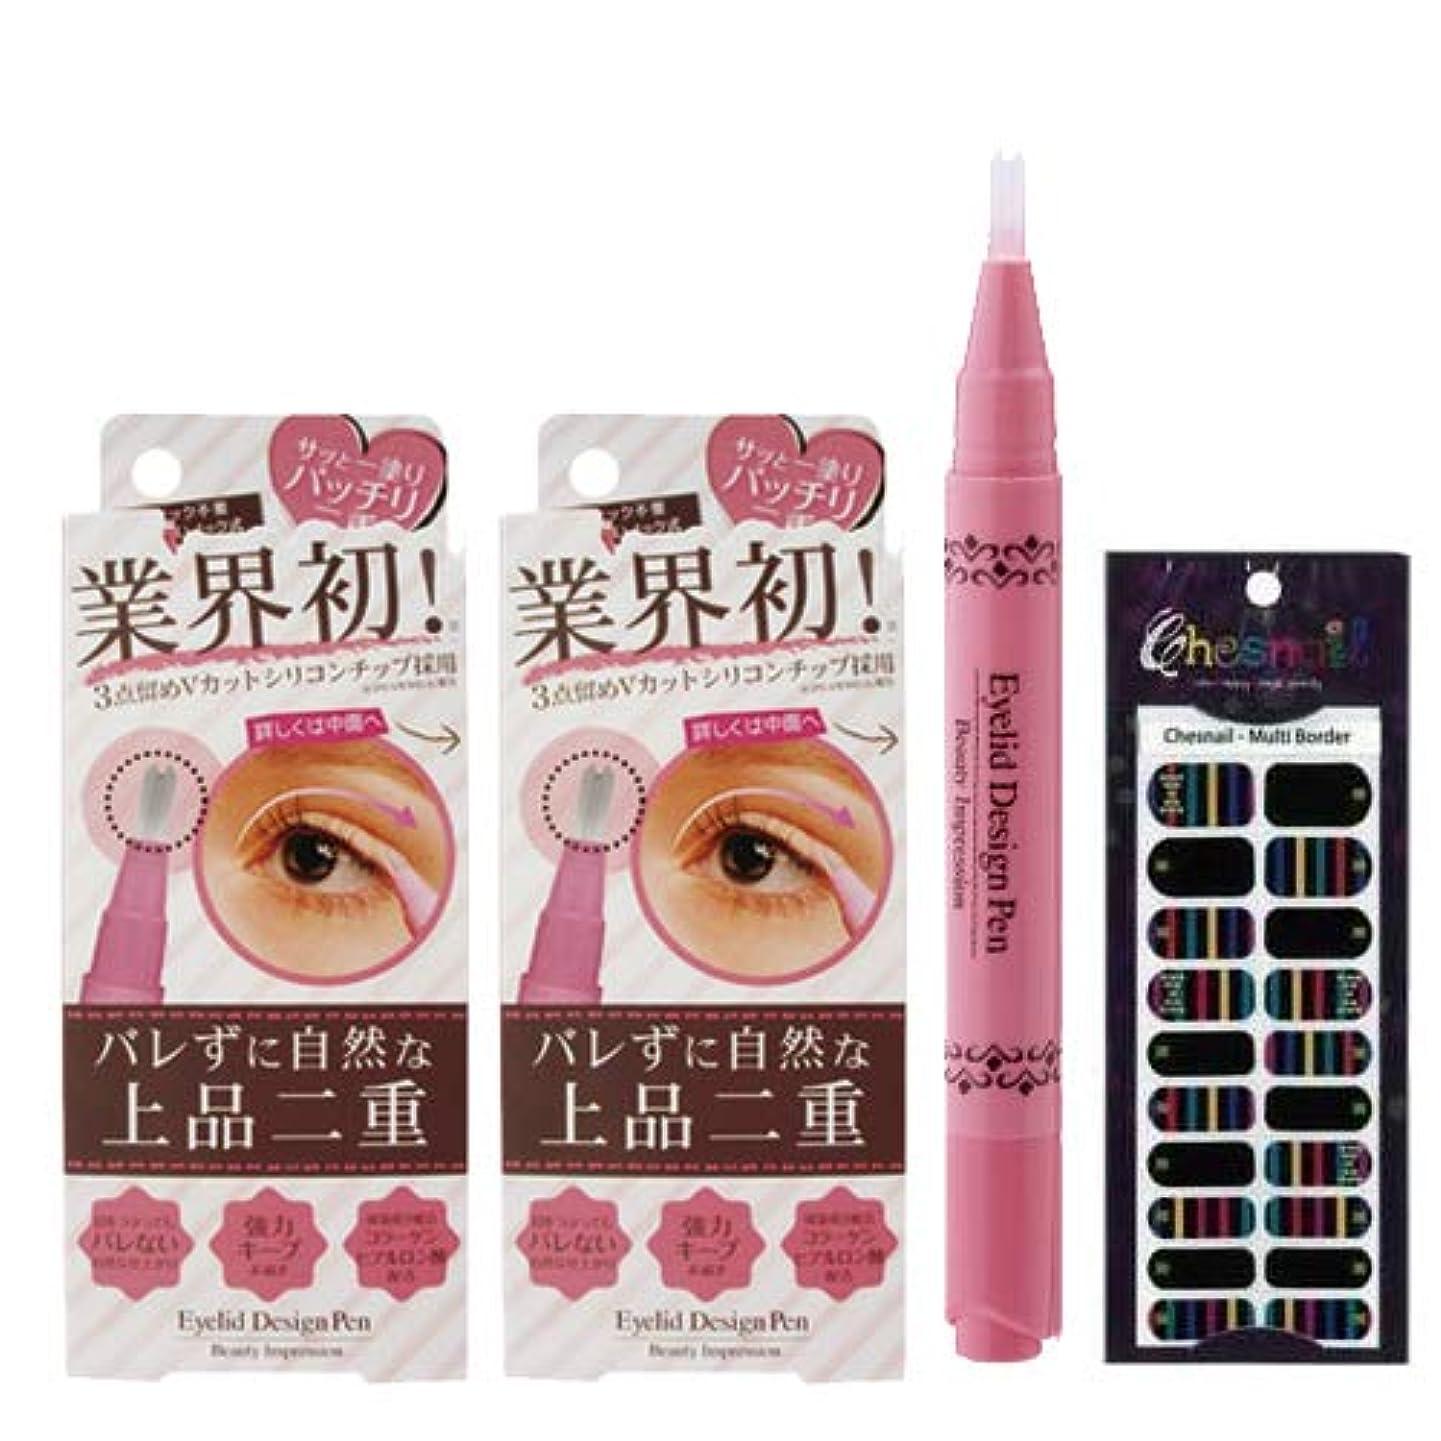 変換する母音感嘆符Beauty Impression アイリッドデザインペン 2ml (二重まぶた形成化粧品) ×2個 + チェスネイル(マルチボーダー)セット